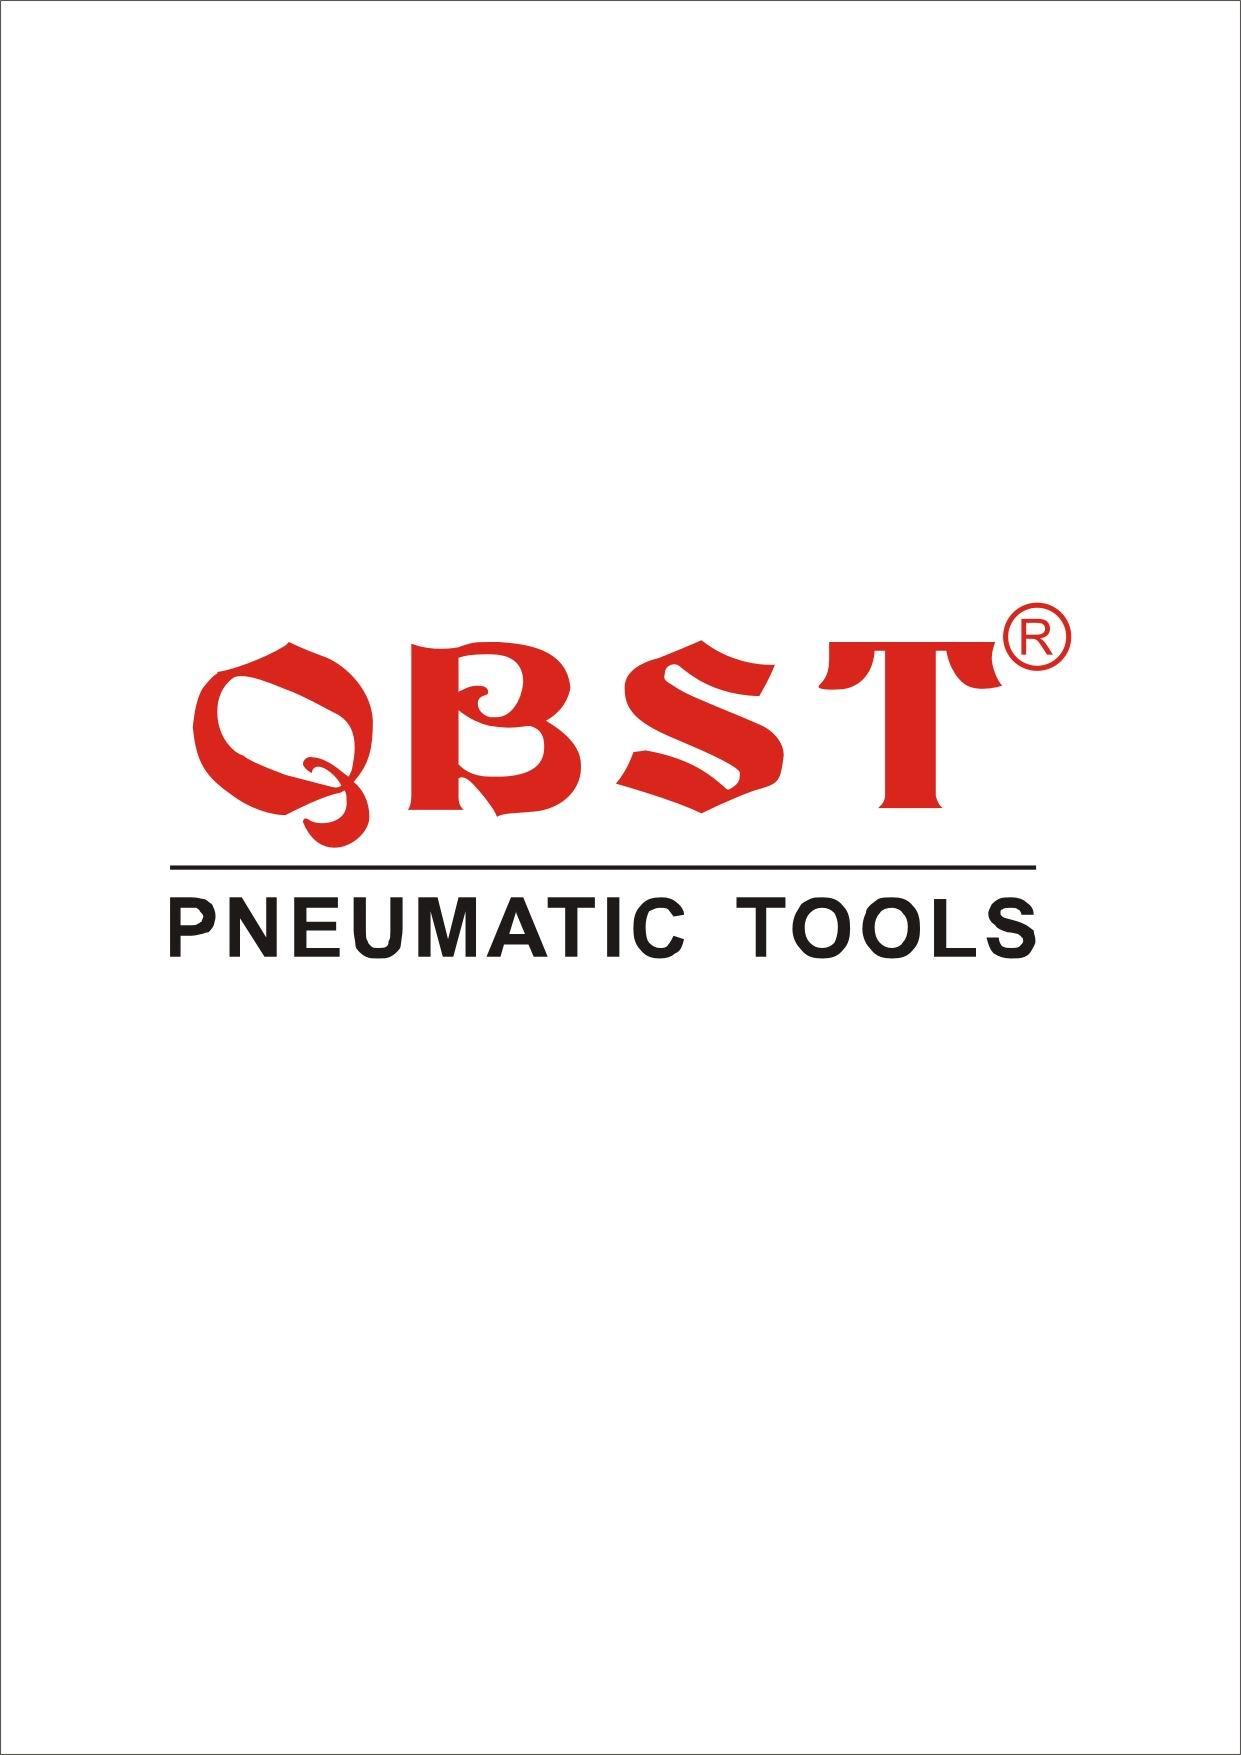 誠招臺灣氣の霸(QBST)工業級氣動工具系列產品代理商